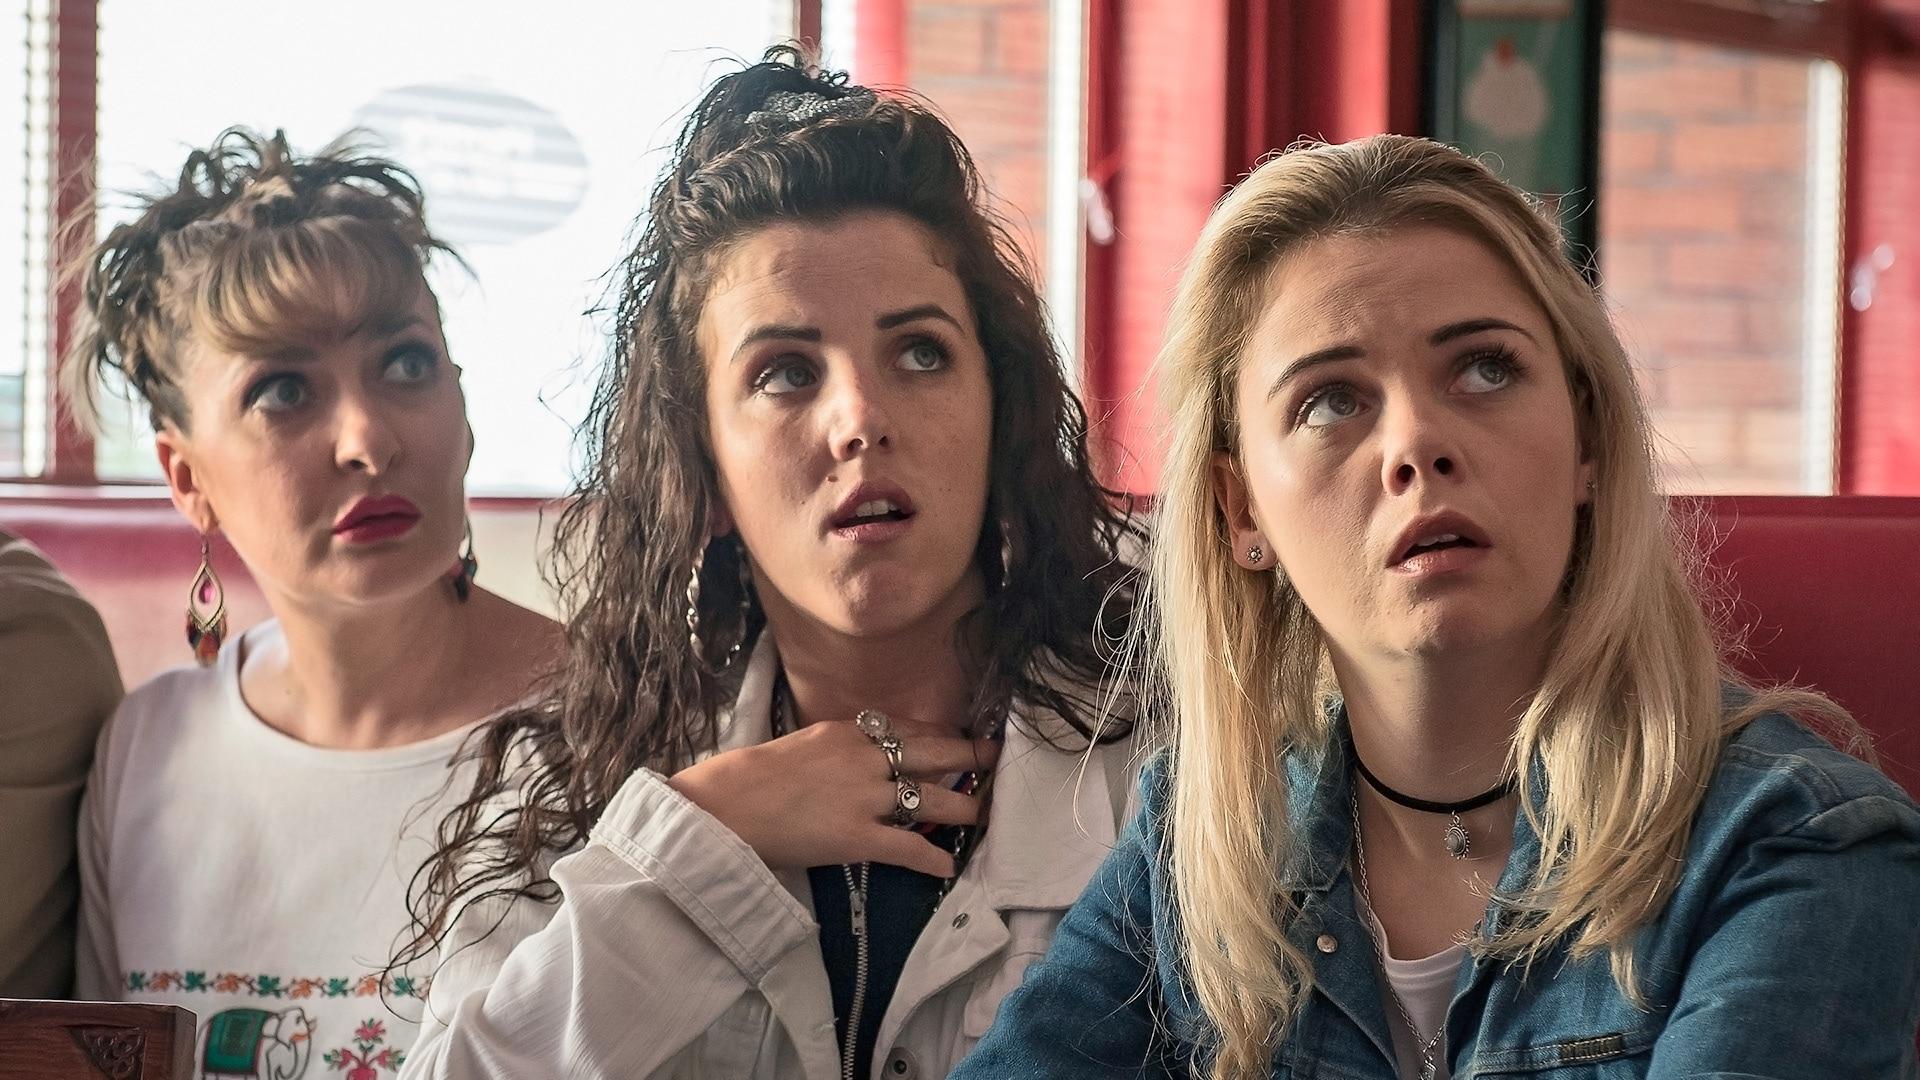 Derry Girls - All 4